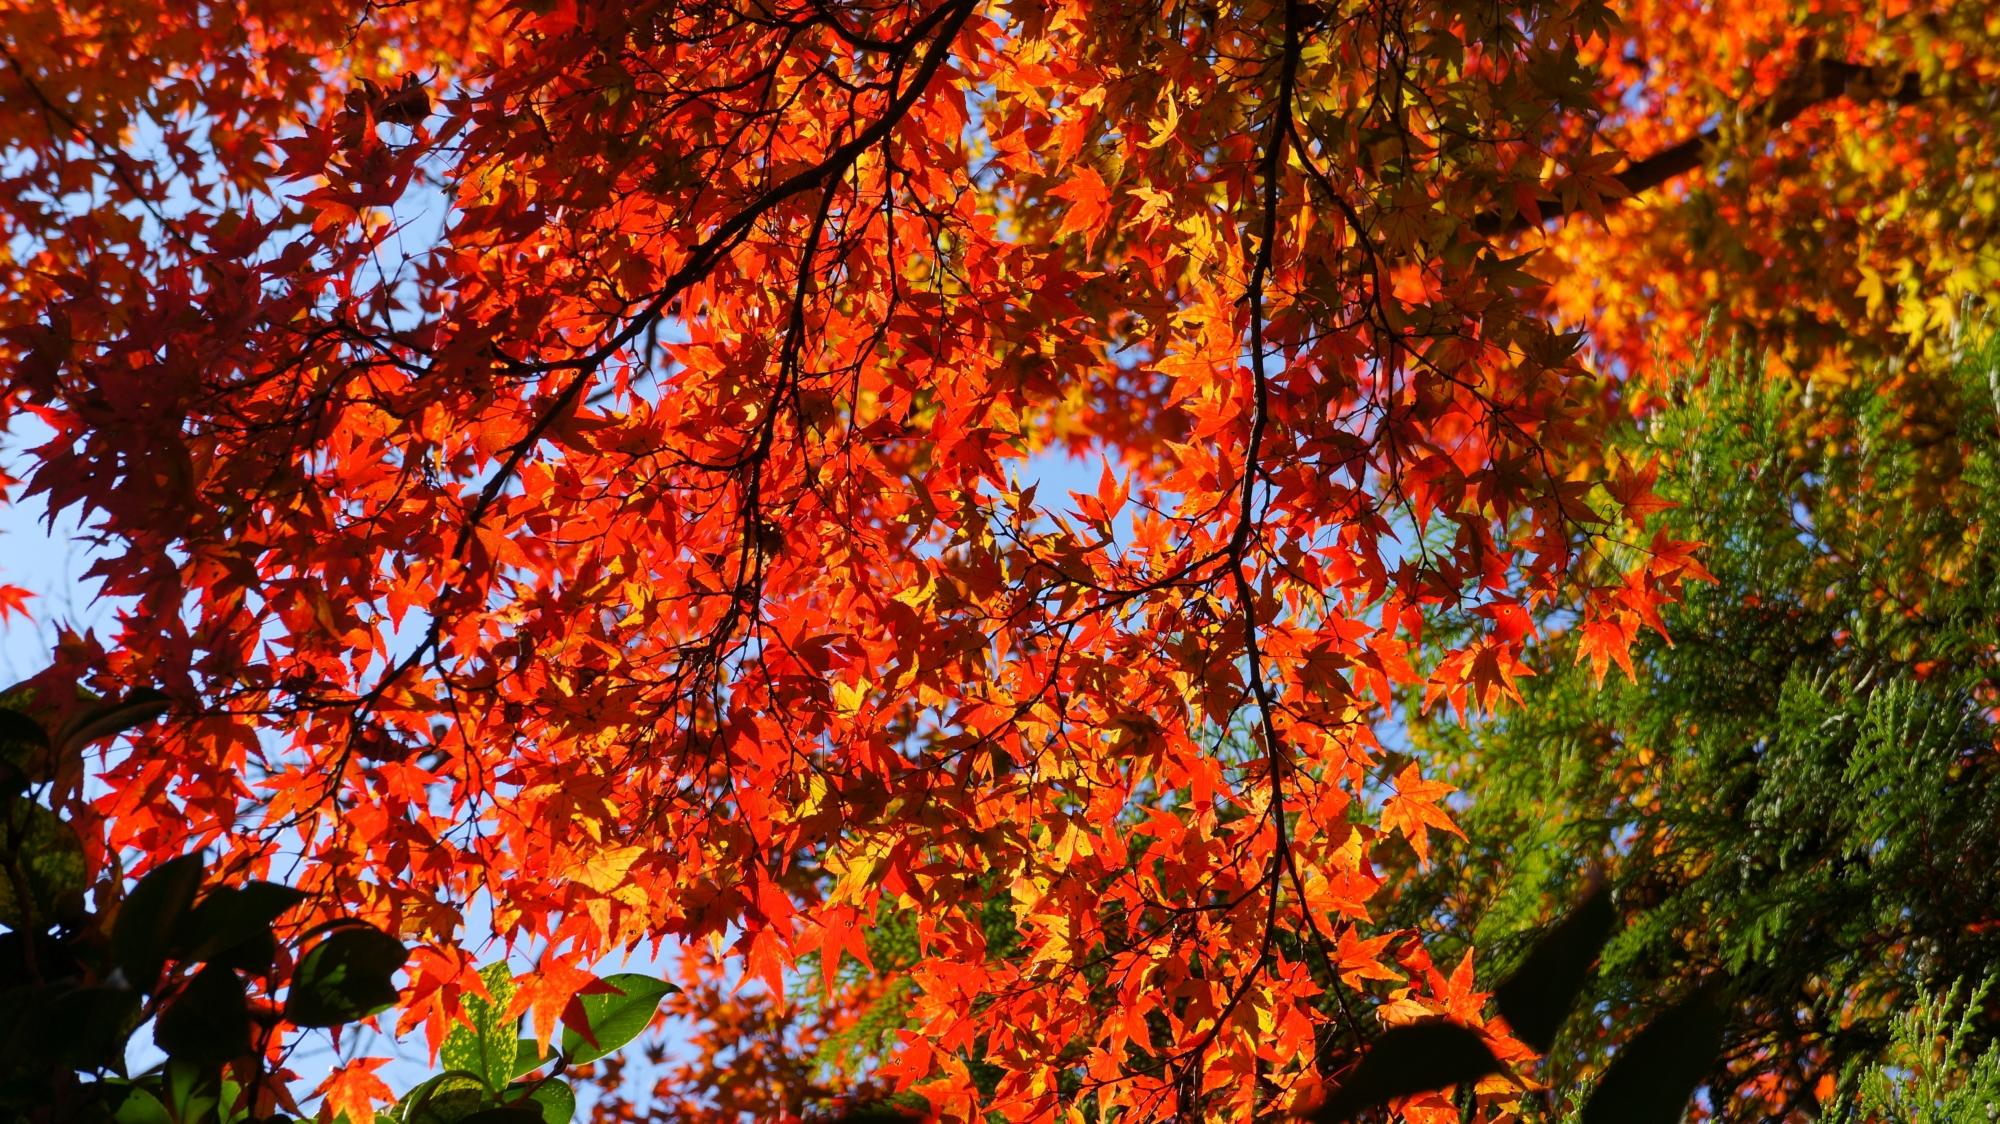 善峯寺の煌びやかに輝く紅葉